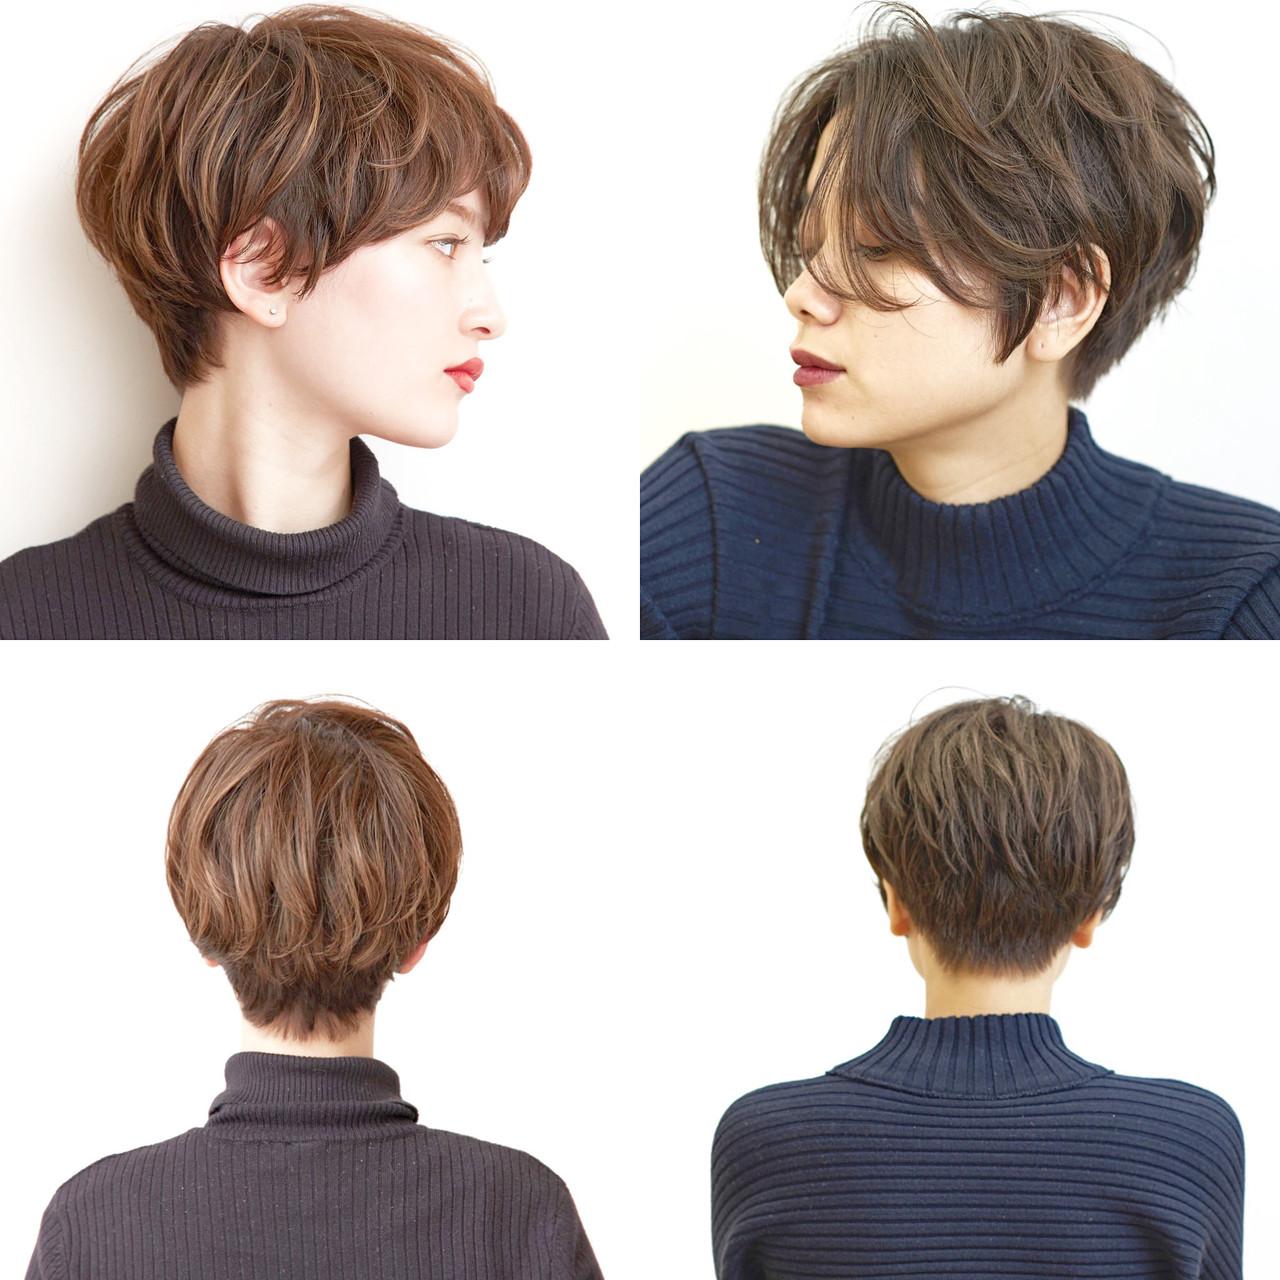 アンニュイほつれヘア スポーツ ハンサムショート ナチュラル ヘアスタイルや髪型の写真・画像 | ショートヘア美容師 #ナカイヒロキ / 『send by HAIR』